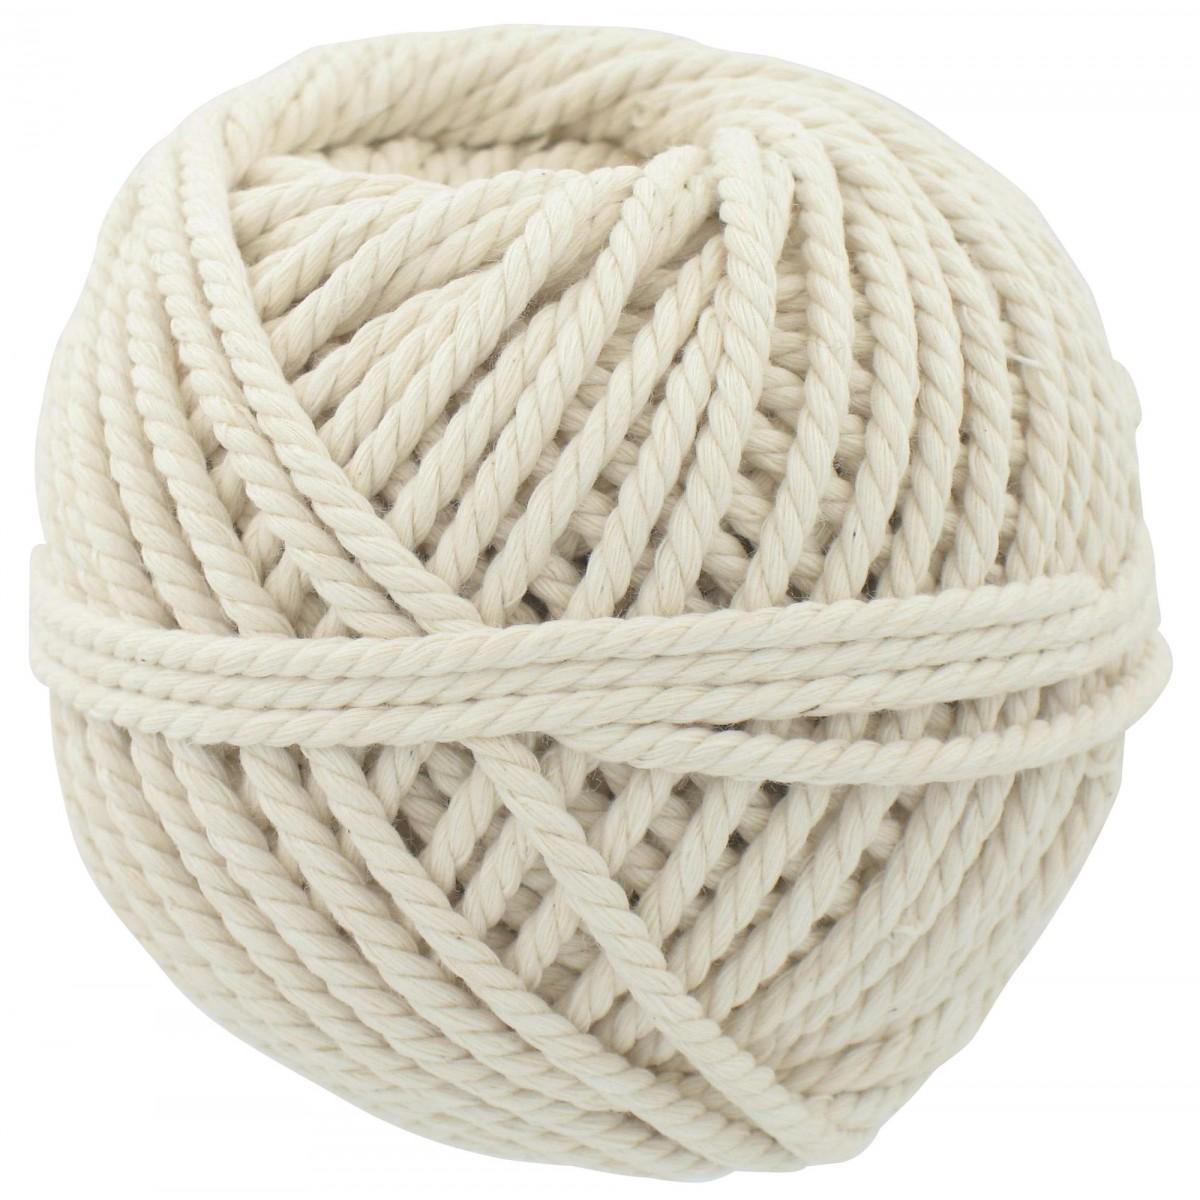 cordeau coton pvm longueur 30 m diam tre 2 5 mm de cordeau coton ma on. Black Bedroom Furniture Sets. Home Design Ideas